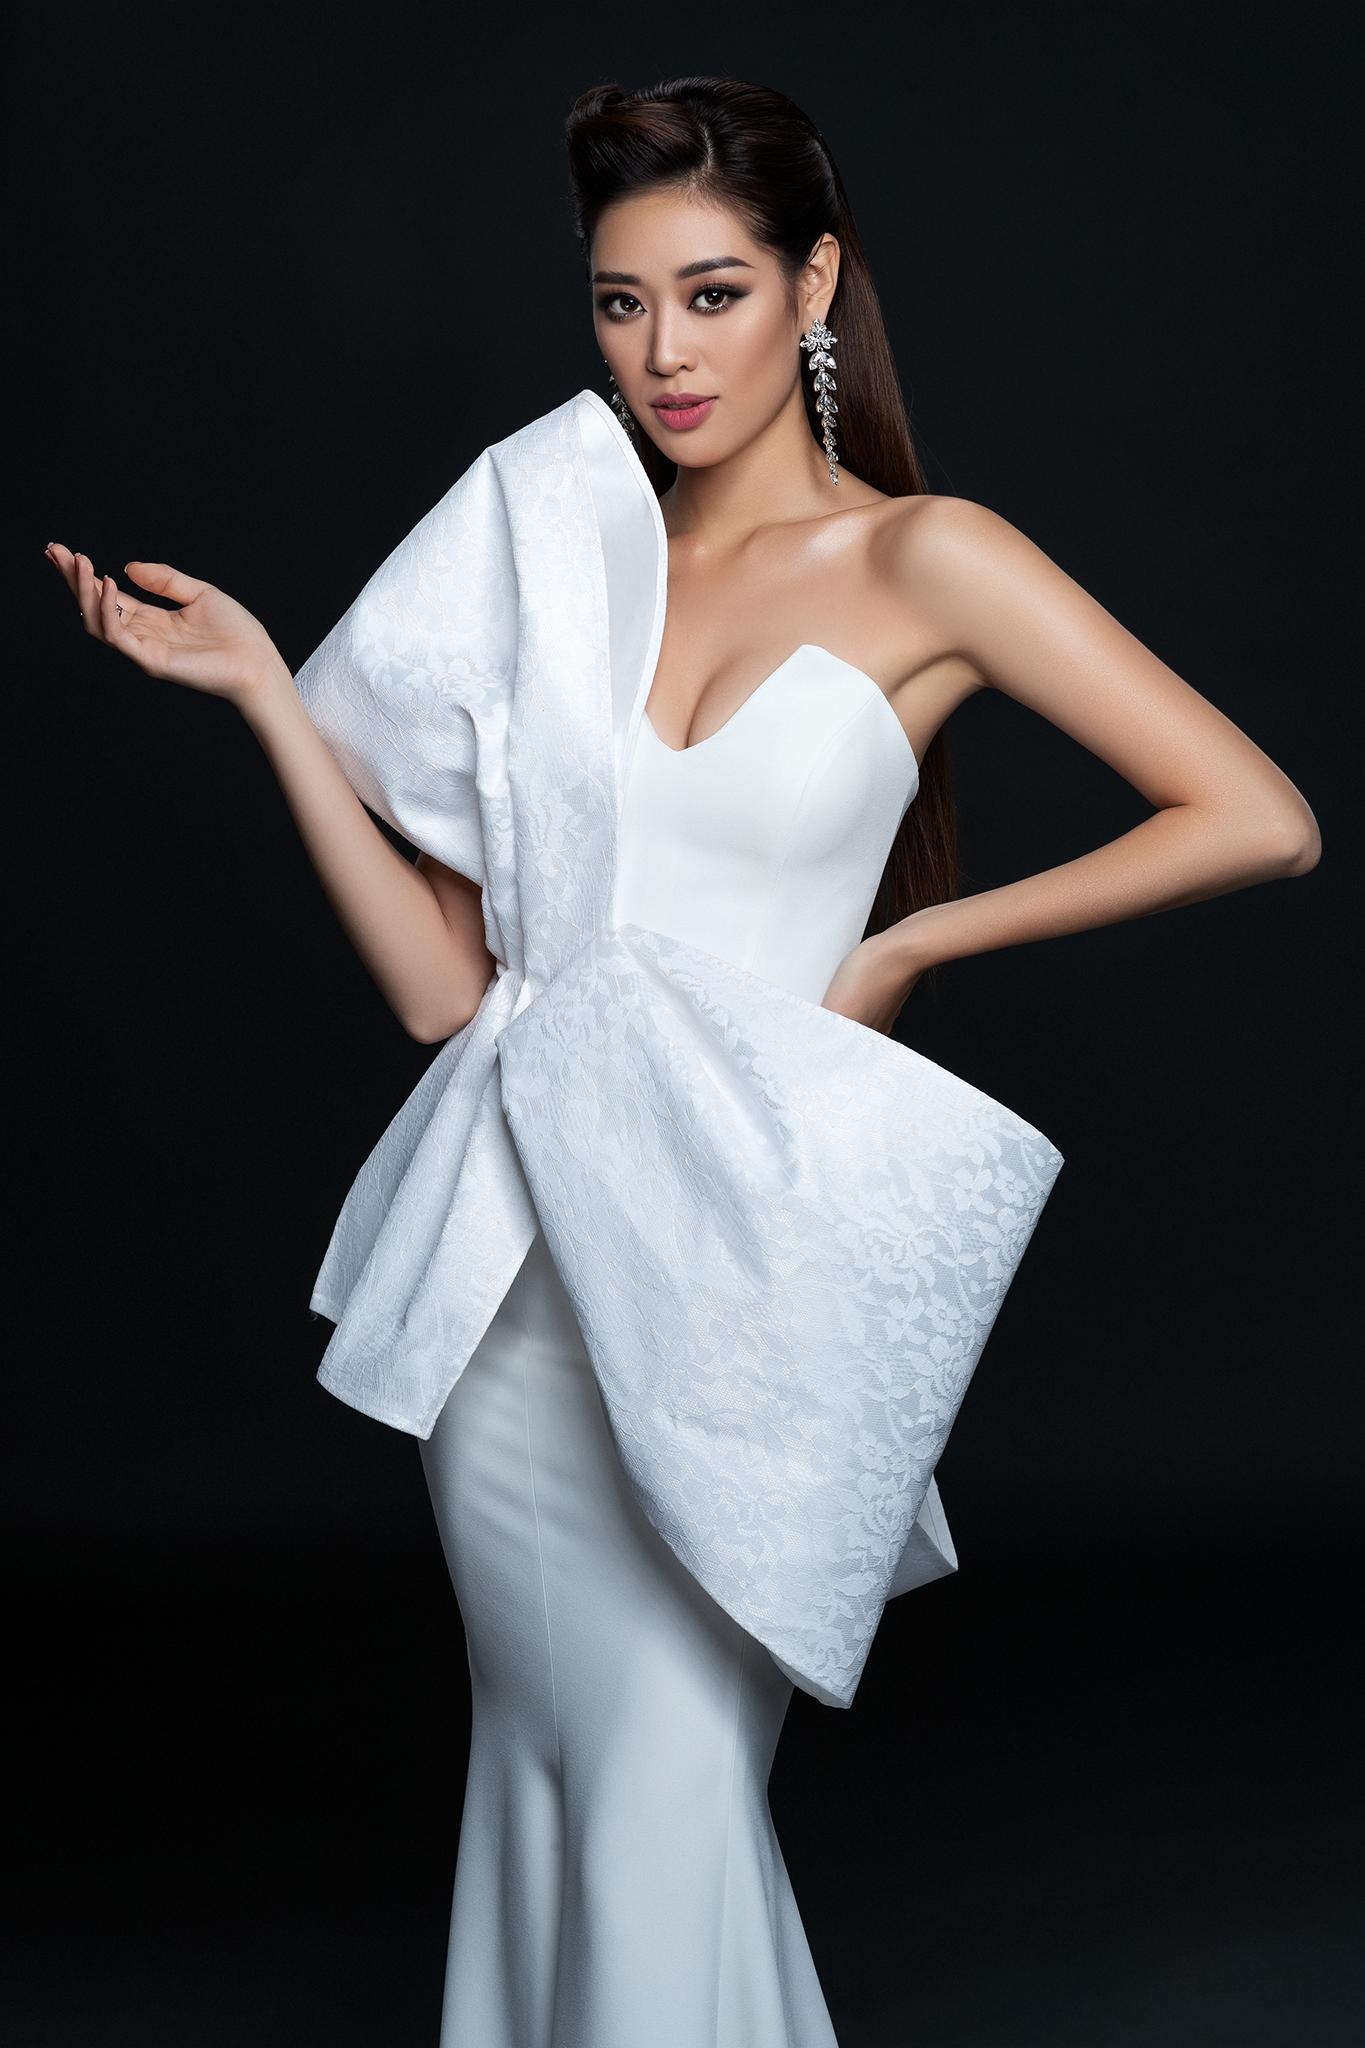 Cô tiết lộ, khi cùng tổ chức Hoa hậu Hoàn vũ Việt Nam bàn bạc về tưởng cho bộ ảnh beauty đầu tiên, cô đã đề xuất mong muốn được thực hiện bộ ảnh cùng với nhiếp ảnh gia Nguyễn Long và make up Trung Lạc. Đây là hai người anh đã gắn bó cùng Khánh Vân nhiều năm, từng kết hợp chung trong nhiều shoot ảnh.